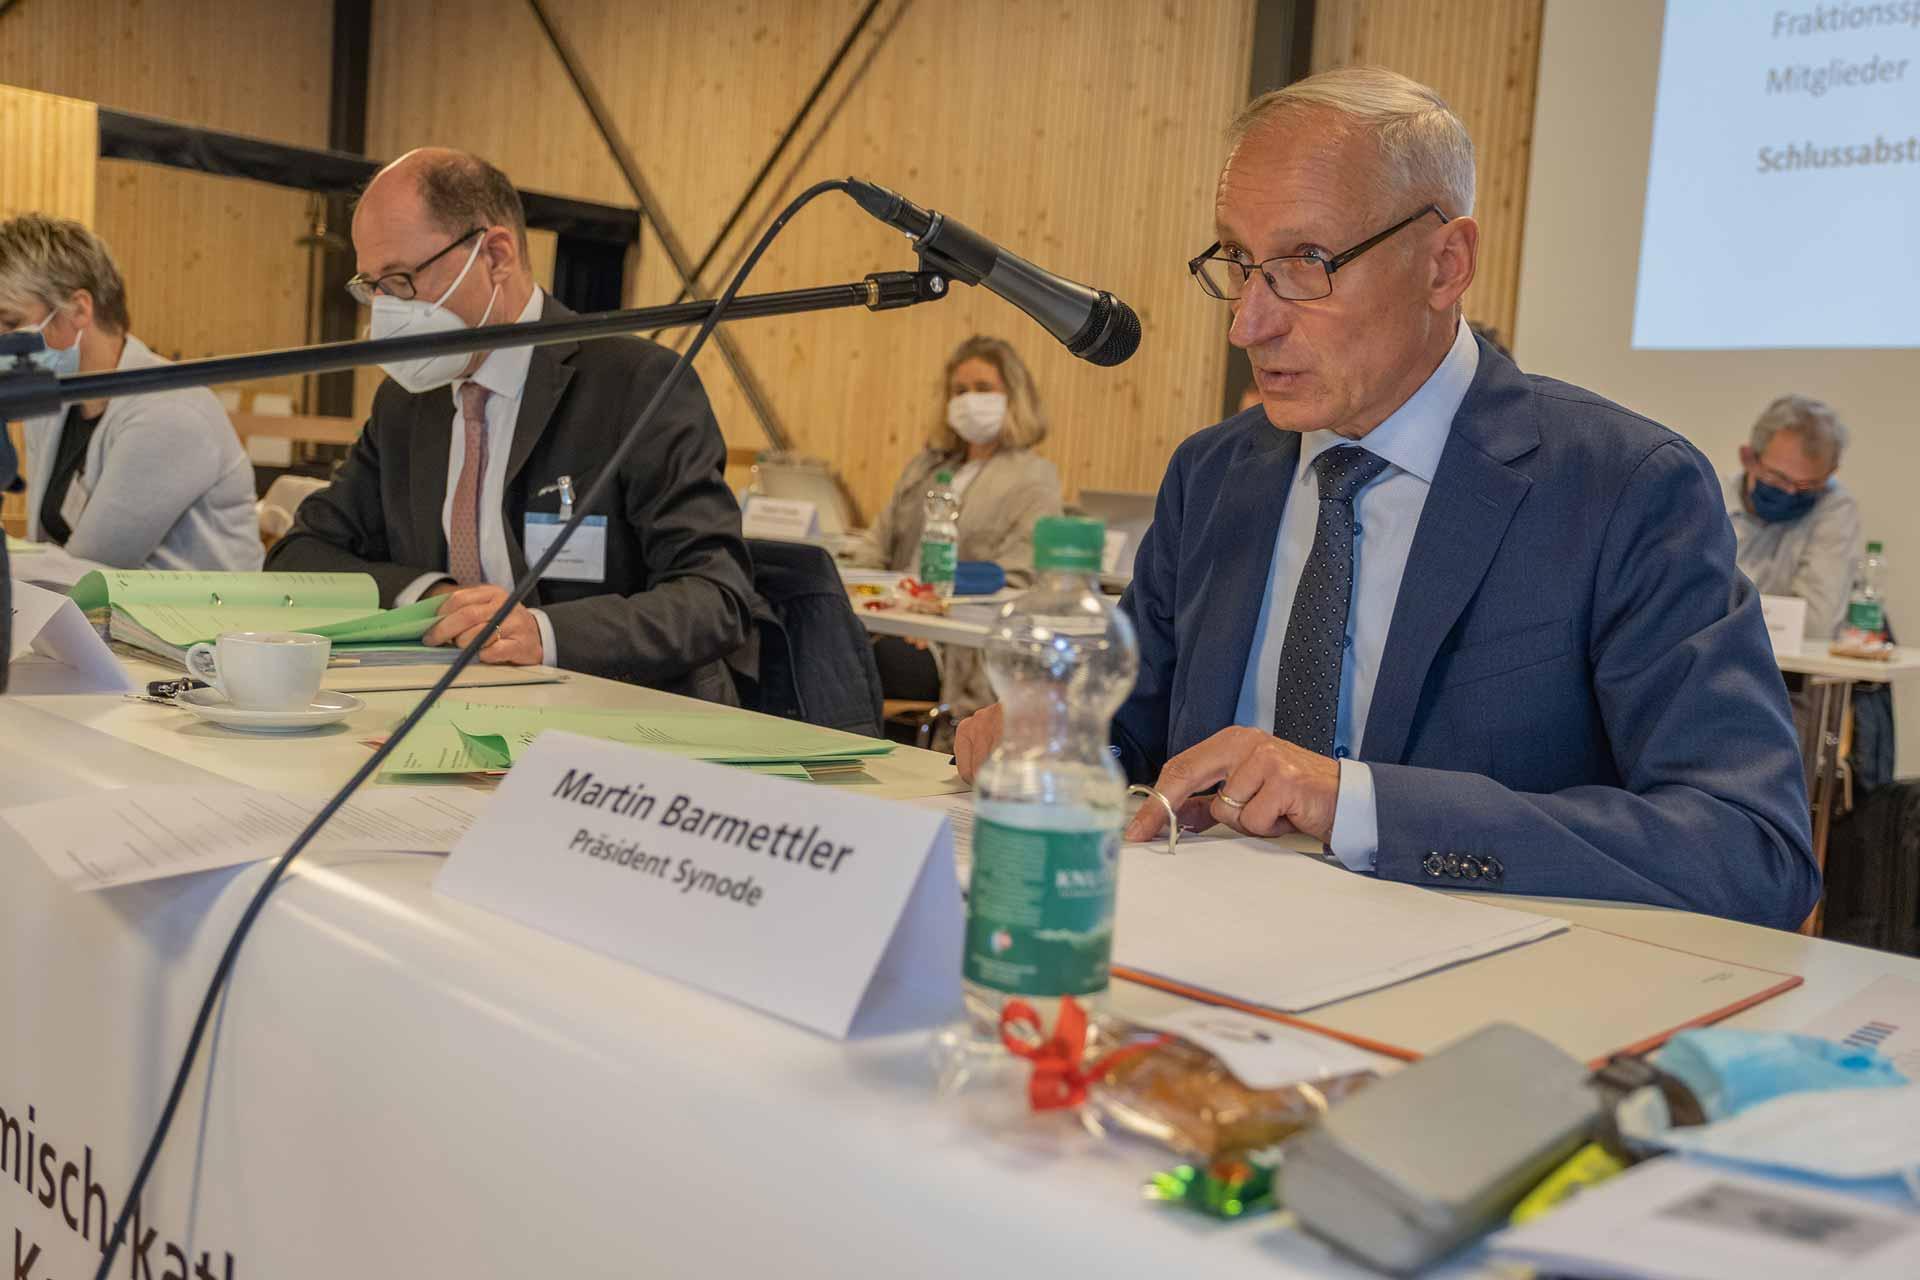 Synodepräsident Martin Barmettler leitete am 4. November seine erste Parlamentssitzung; links von ihm Synodalverwalter Edi Wigger. | © 2020 Dominik Thali